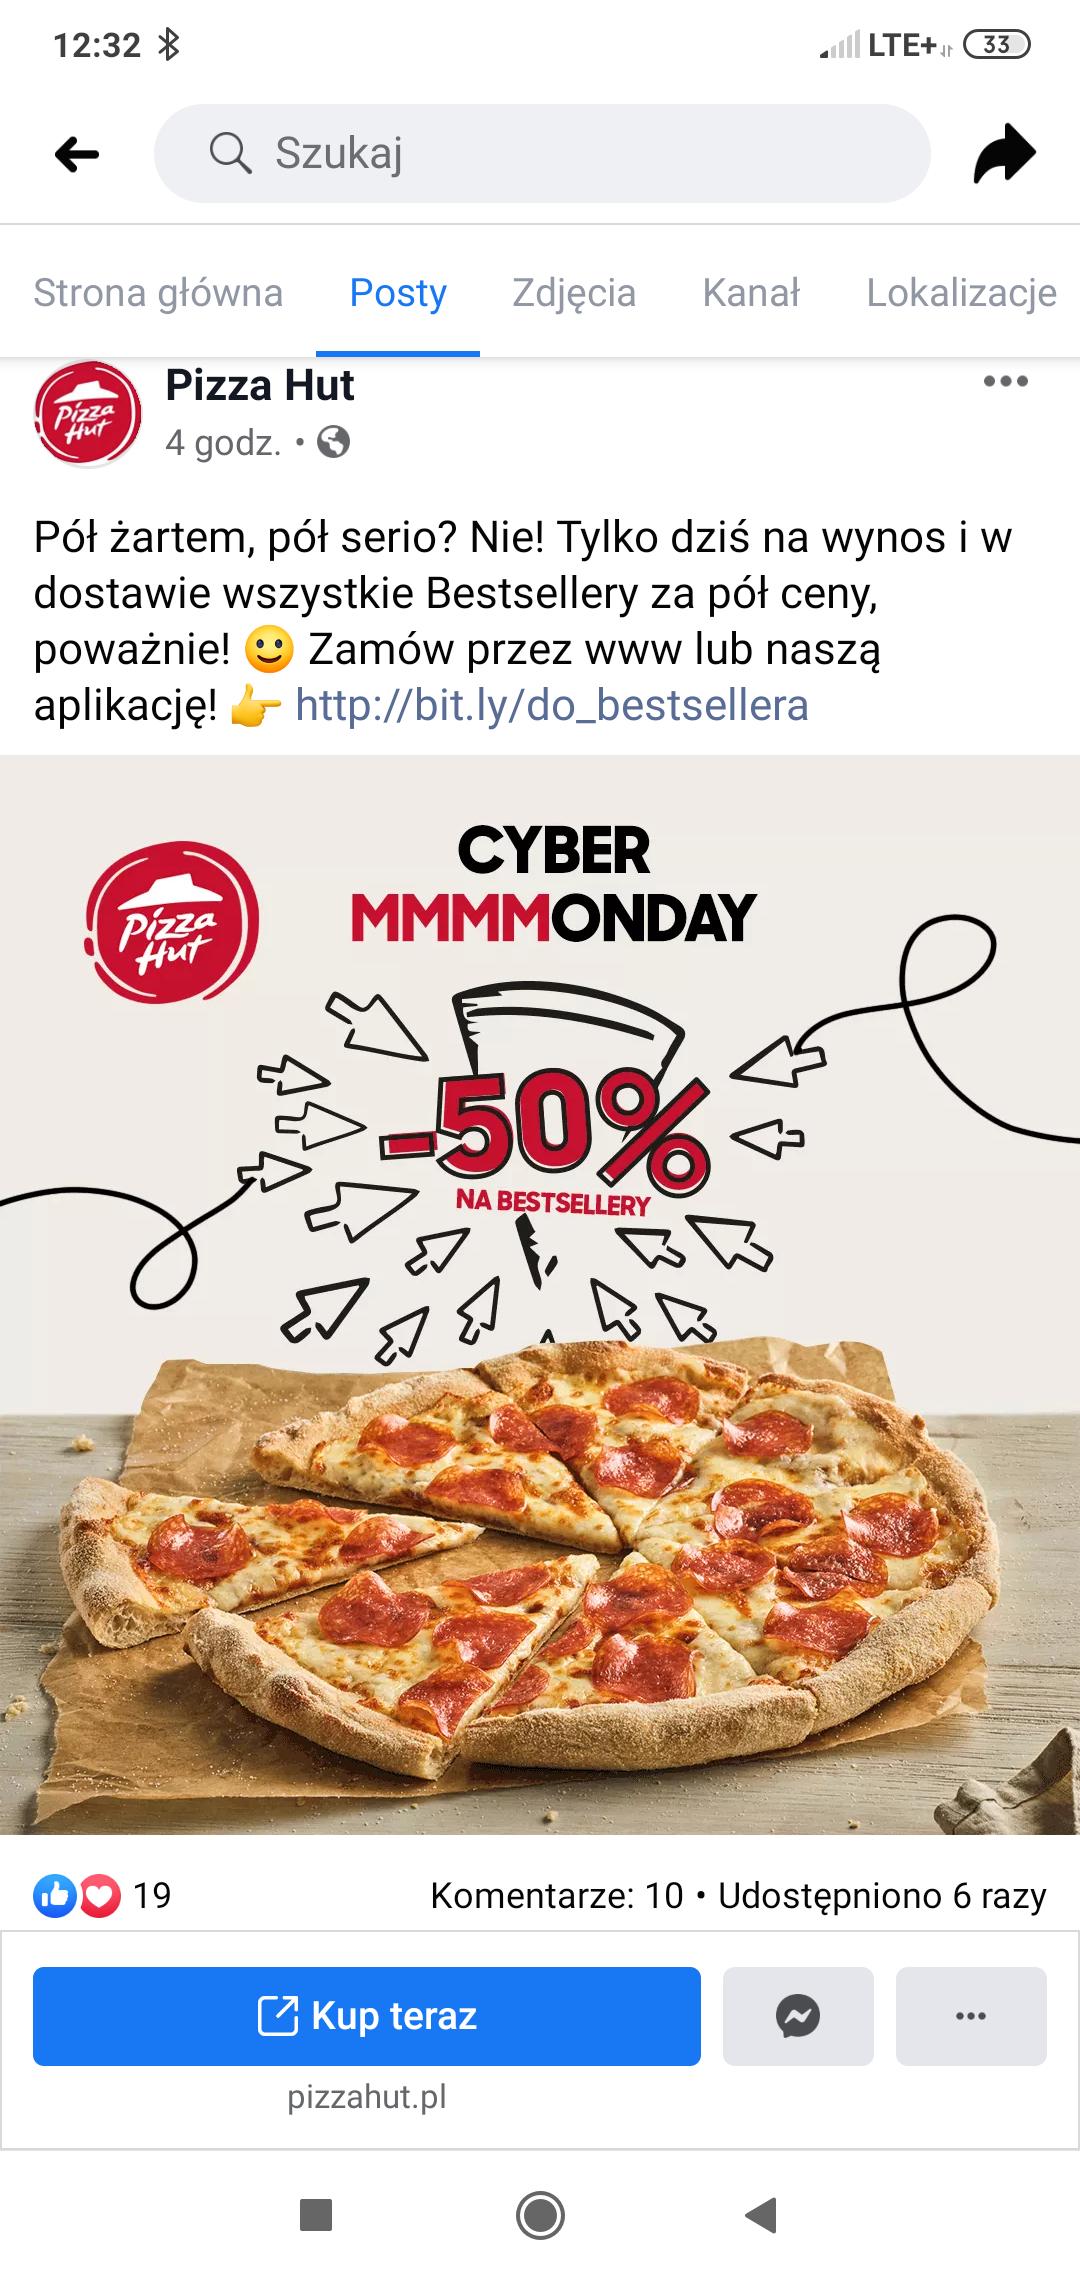 Pizza hut, bestsellery za pół ceny :)